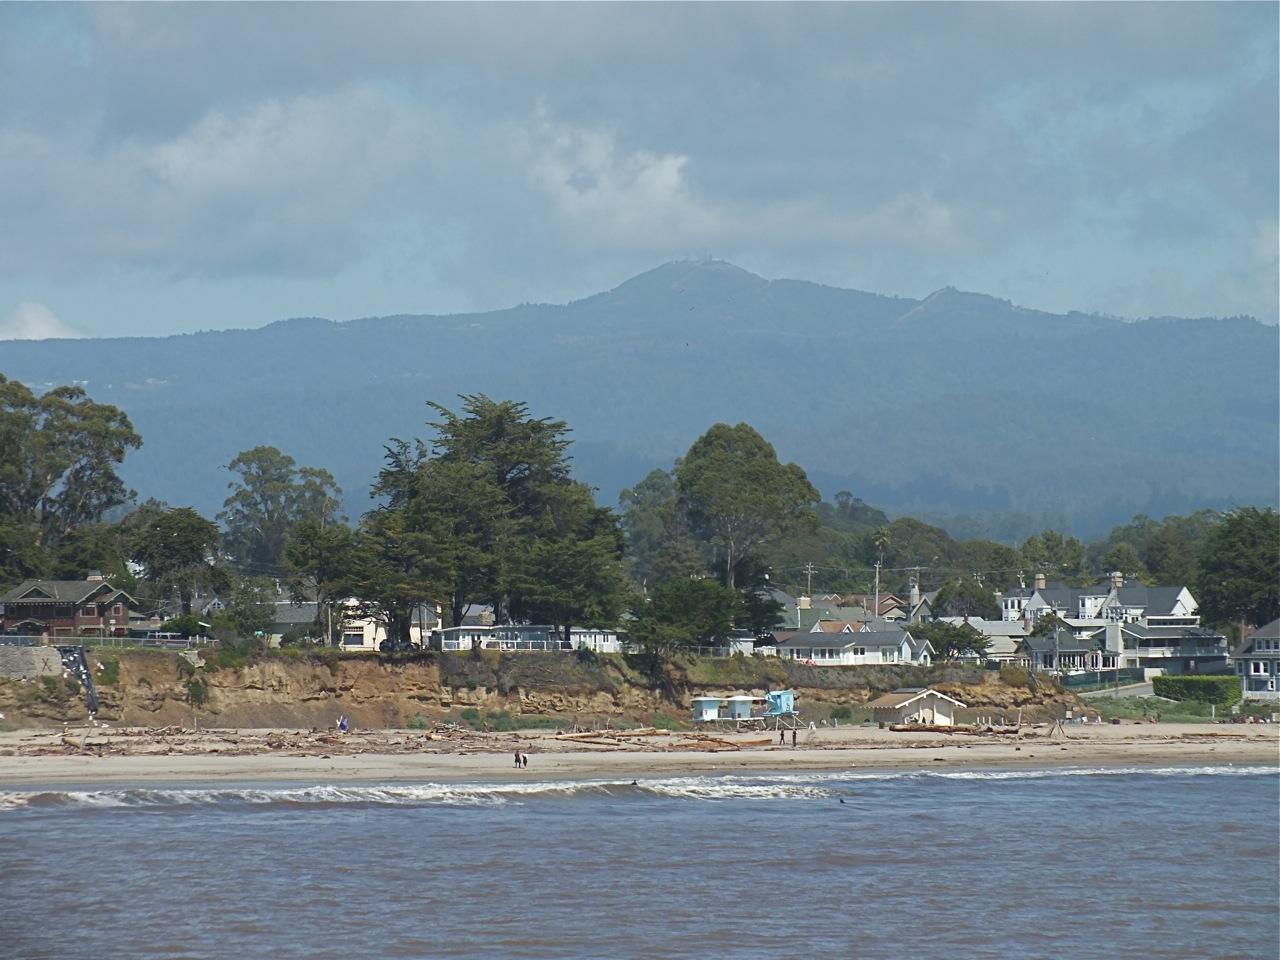 Loma Prieta from Seabright beach, Santa Cruz